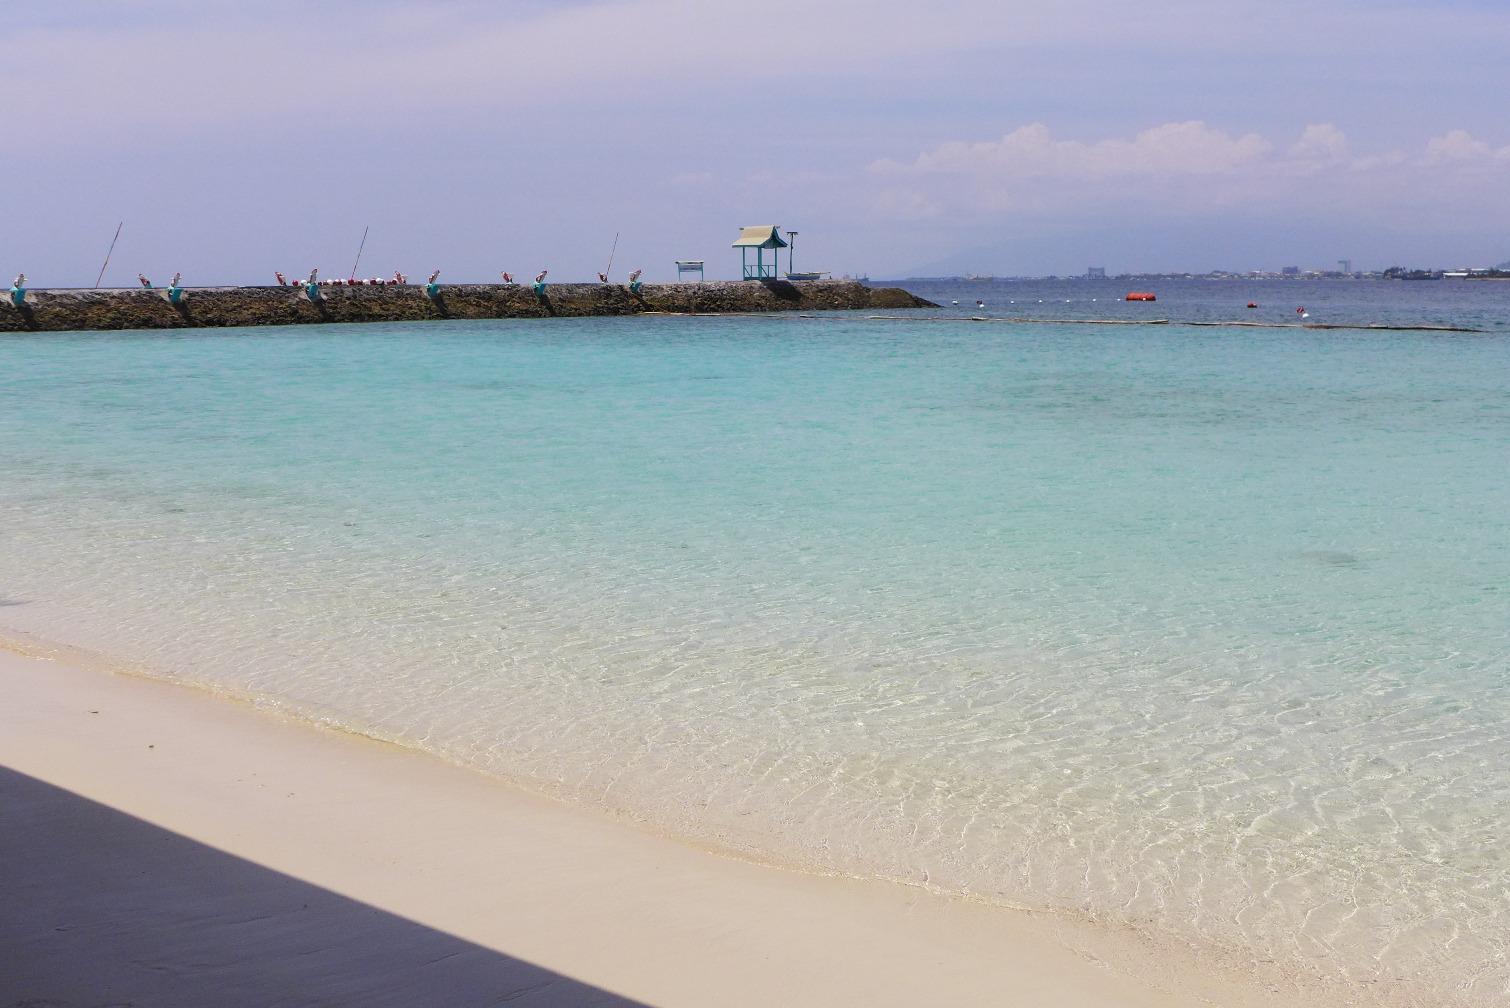 D.I.Y. Davao-Samal; Davao itinerary; Davao budget; Davao blog; Davao activities; What to do in Samal